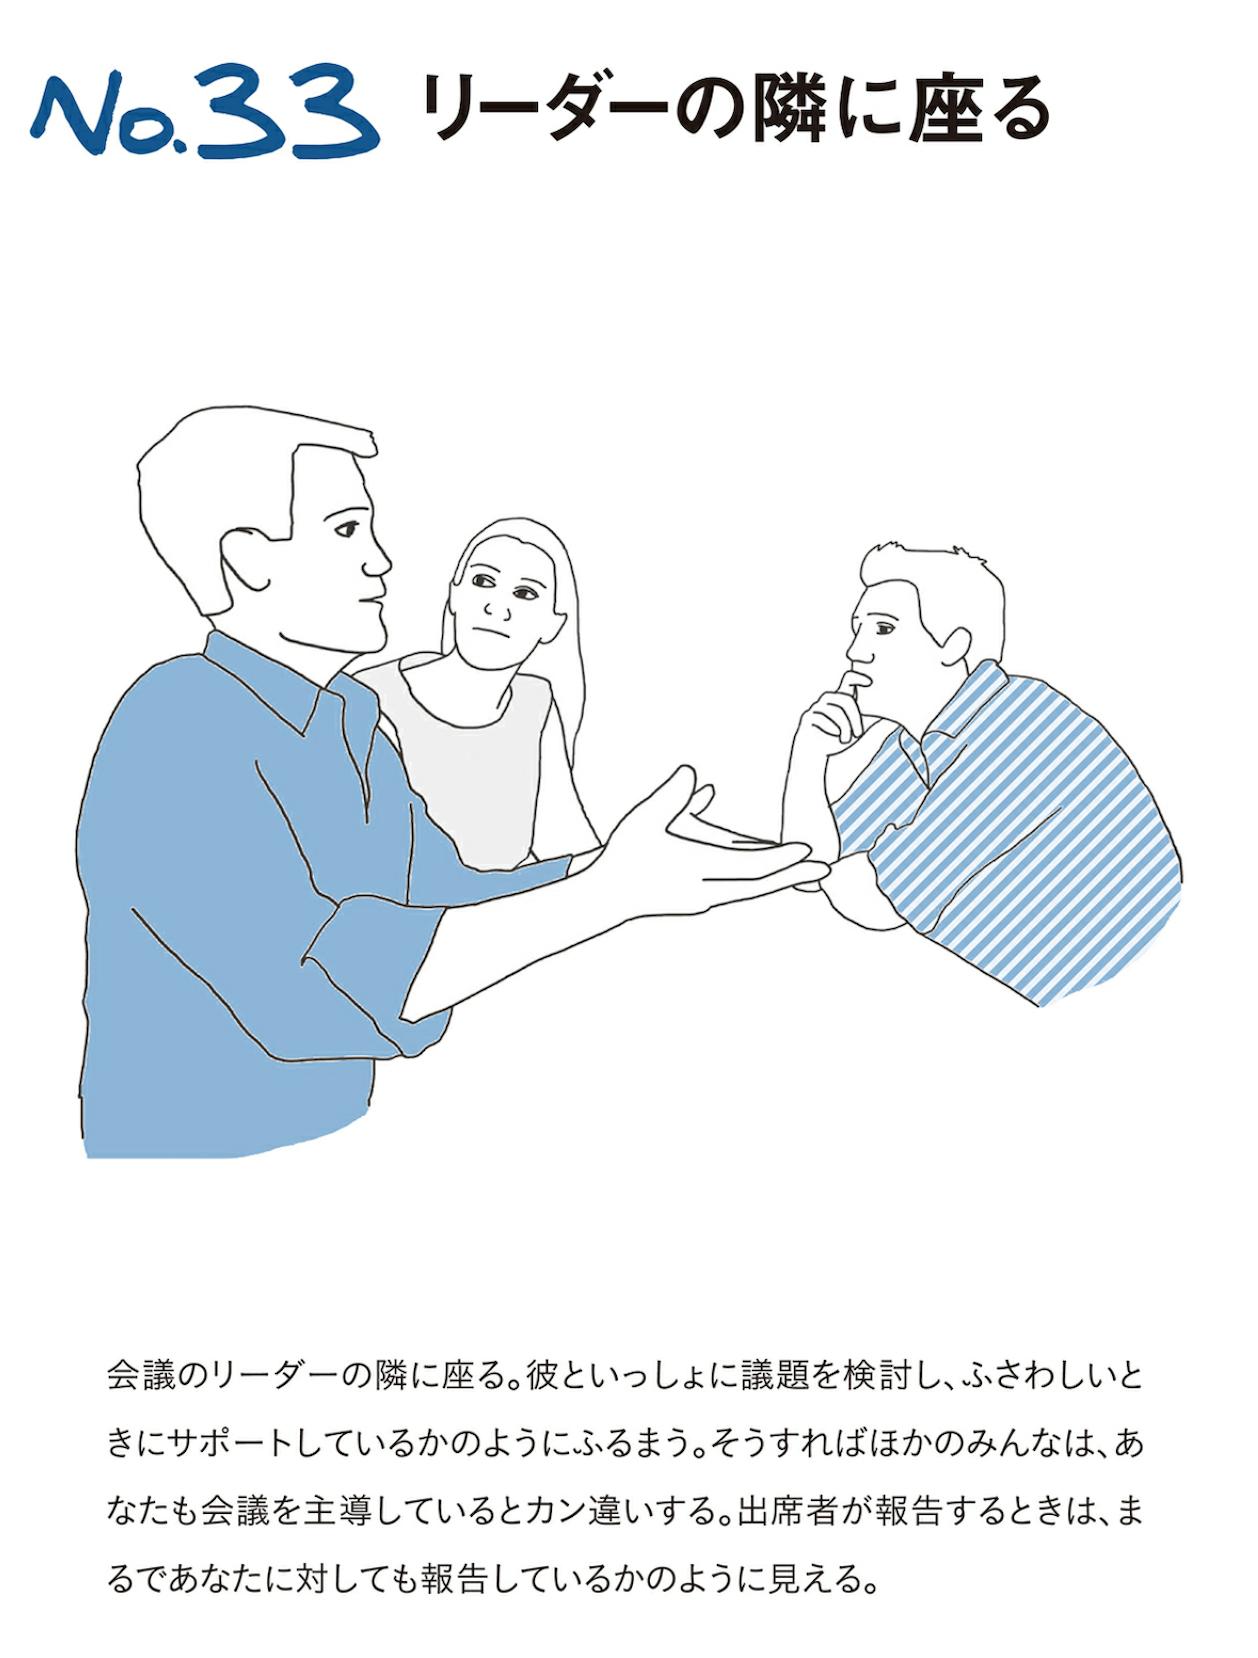 mtg-book